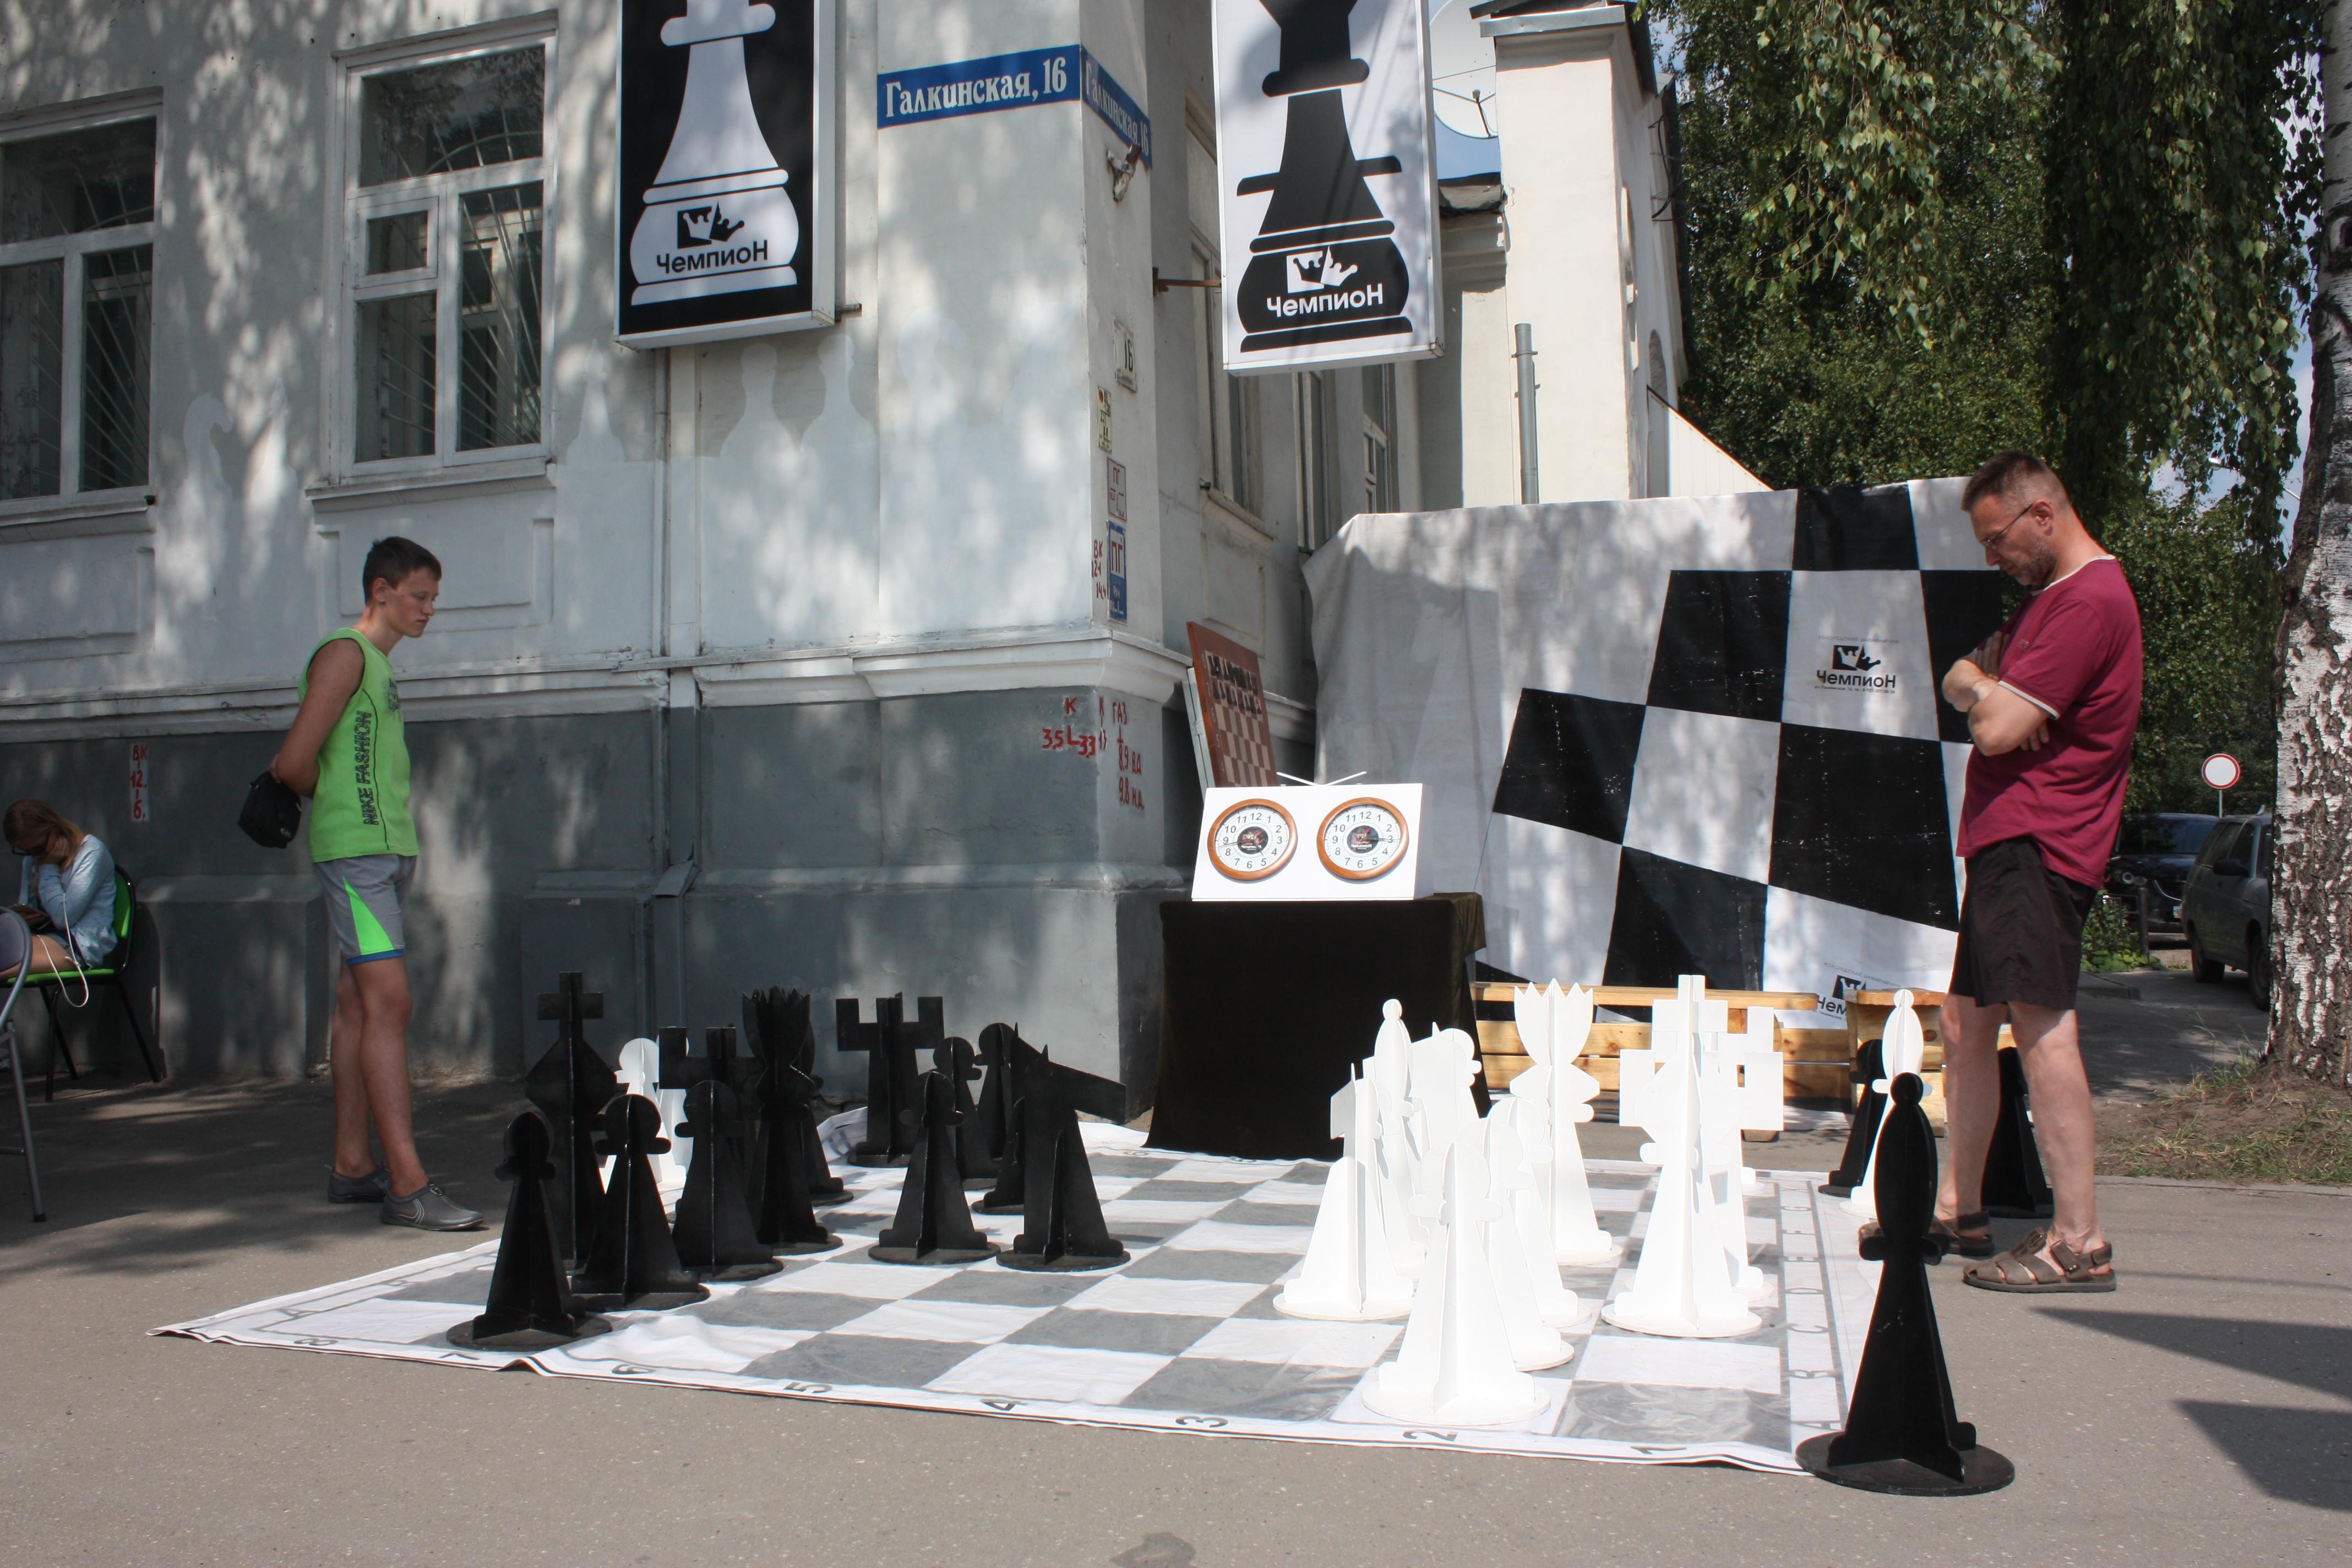 В центре Вологды на улице устроили шахматный турнир